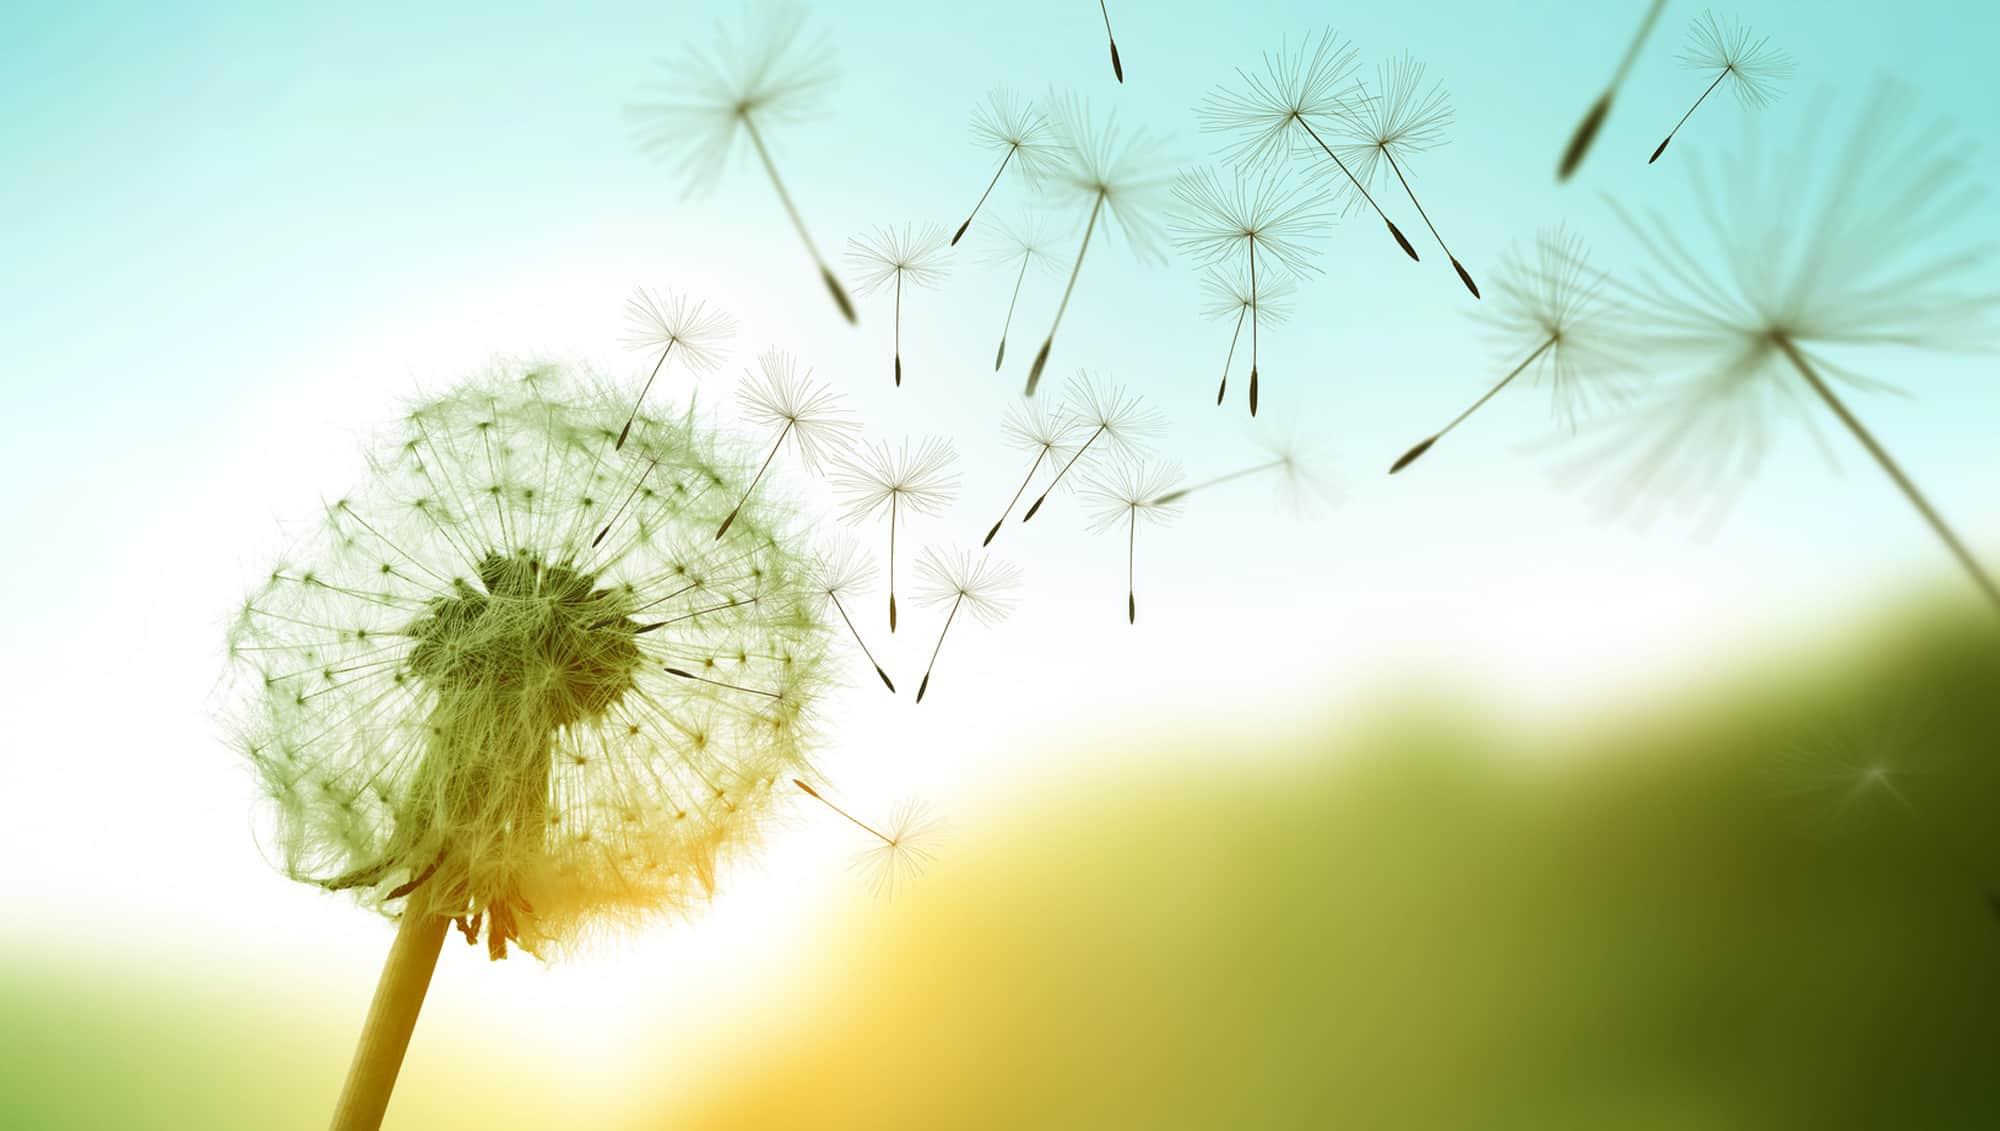 Transformacion con proposito a traves del esfuerzo y la superacion